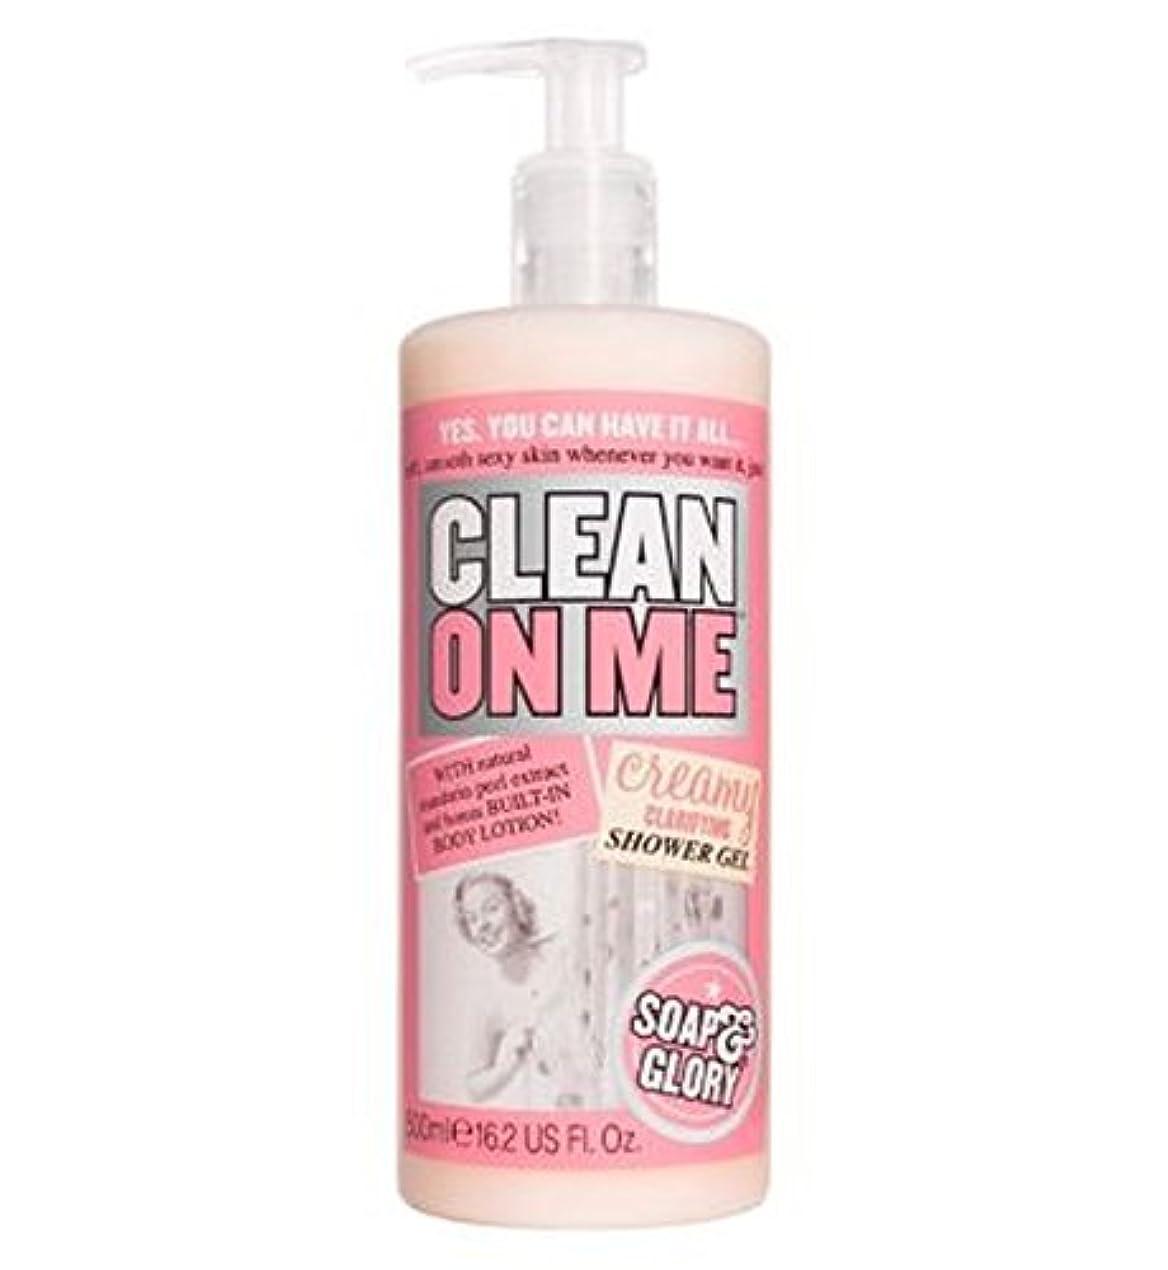 冒険モンキー乗算私にきれいな石鹸&栄光はシャワージェル500ミリリットルを明確にクリーミー (Soap & Glory) (x2) - Soap & Glory Clean On Me Creamy Clarifying Shower...